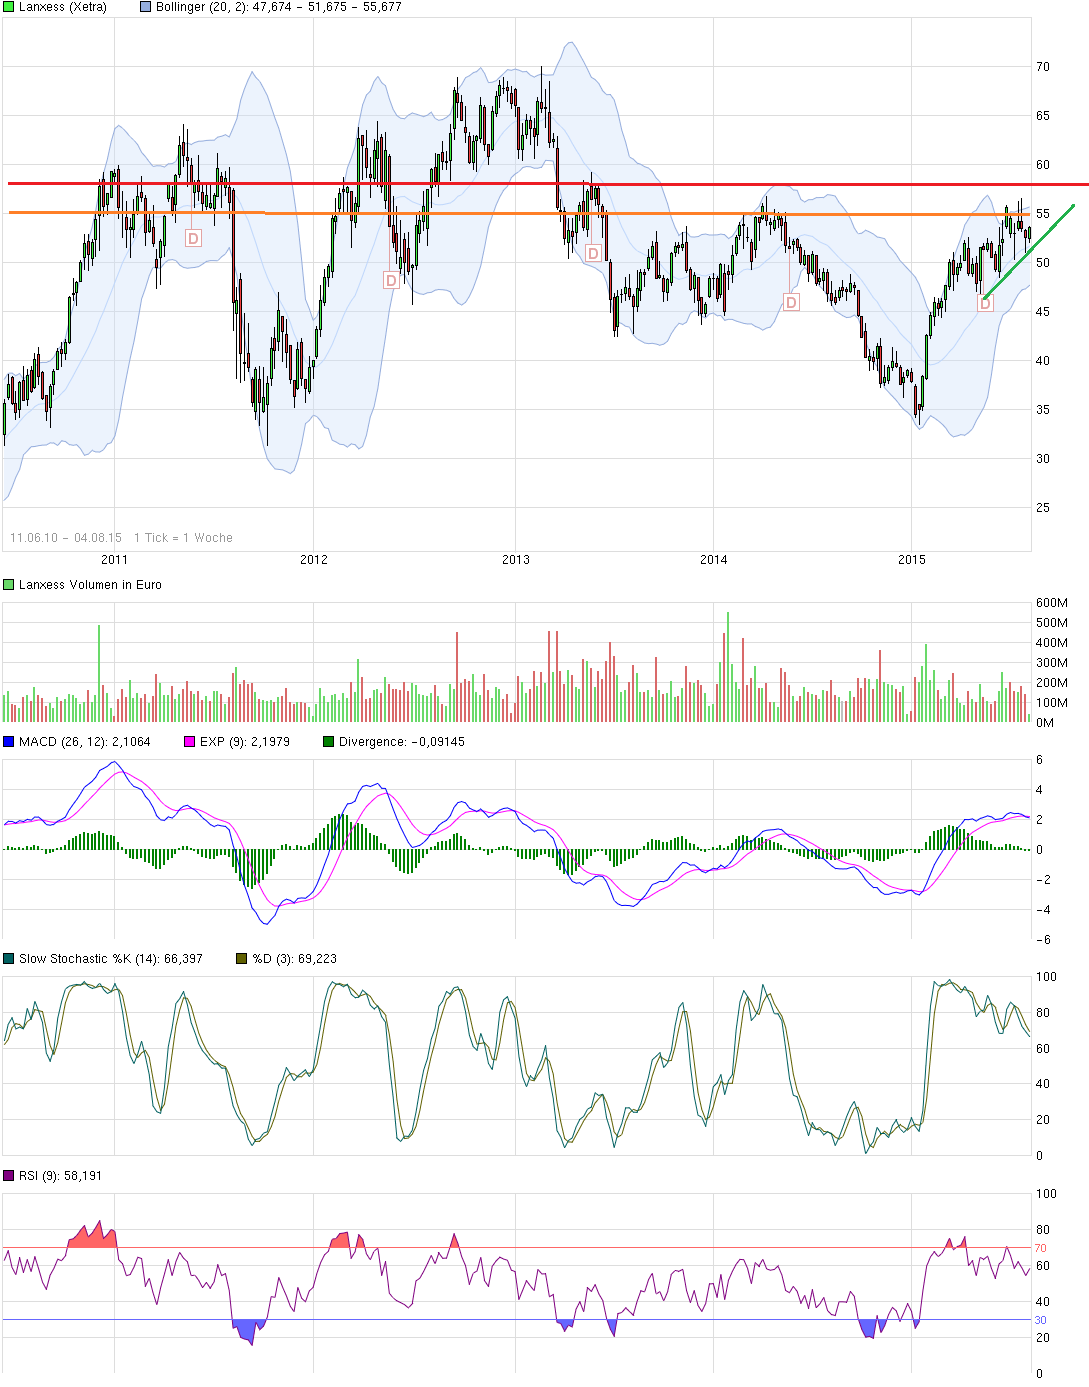 chart_free_lanxess.png